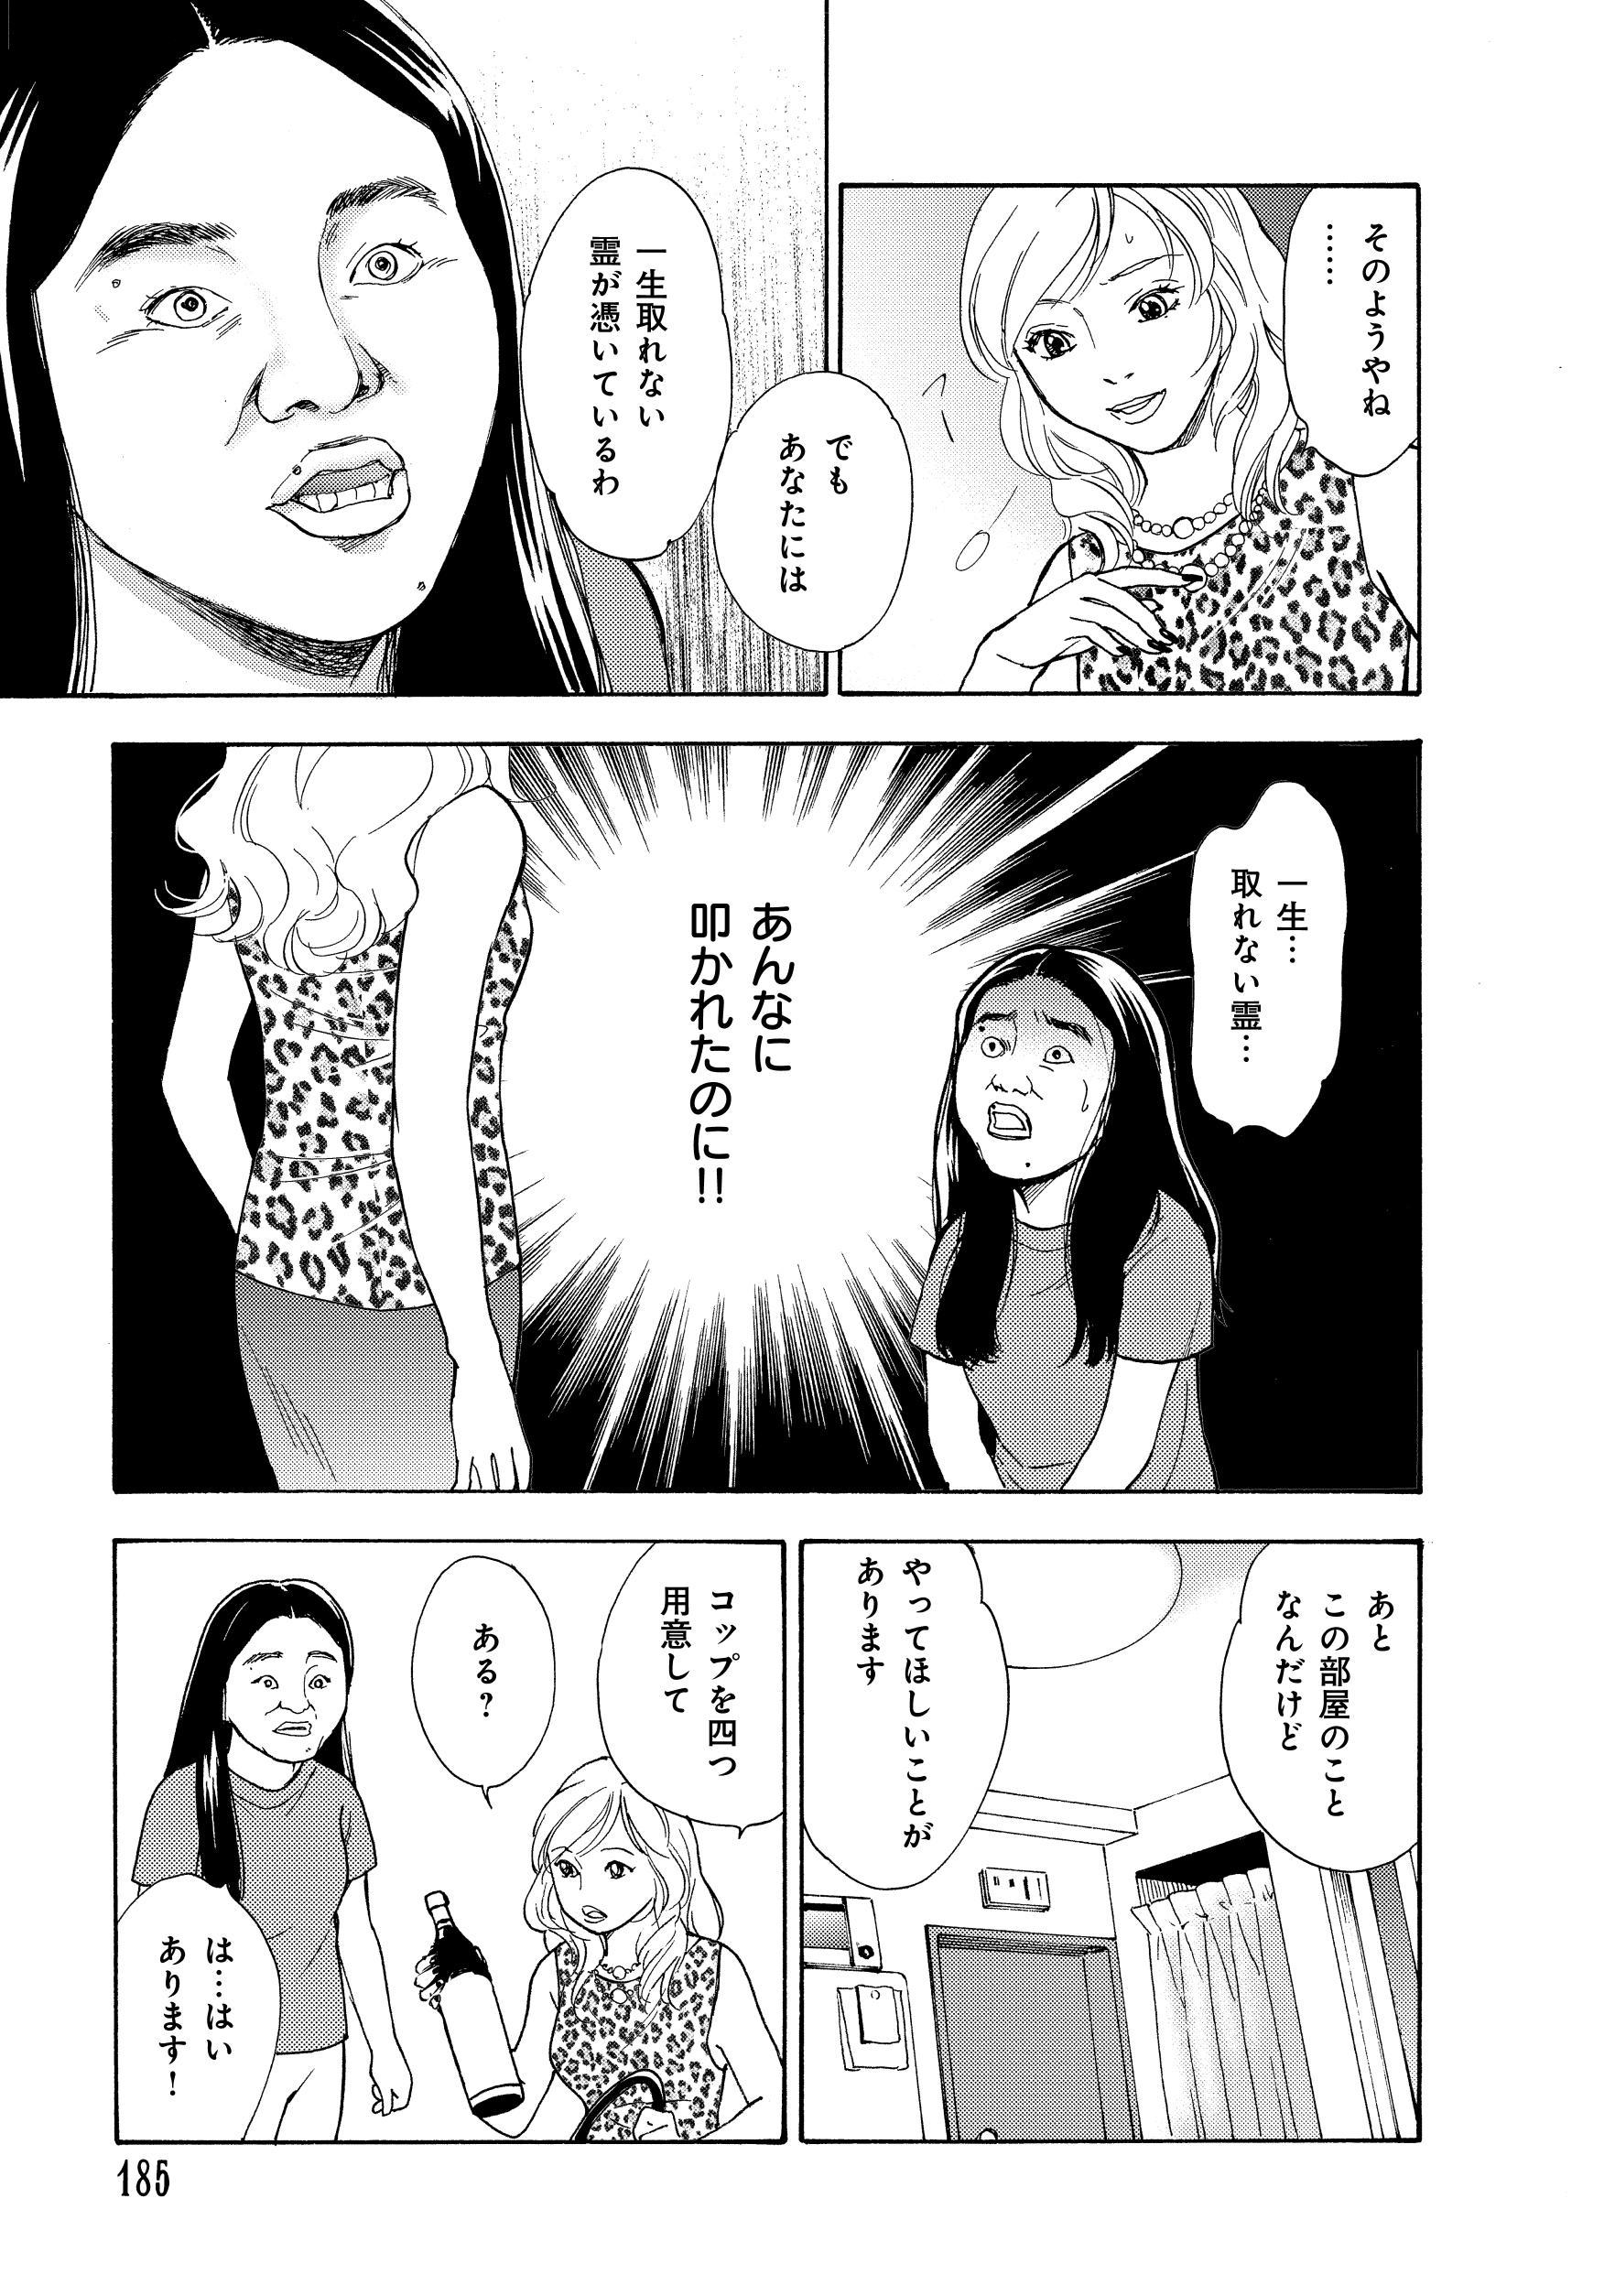 原作特集_185.jpg